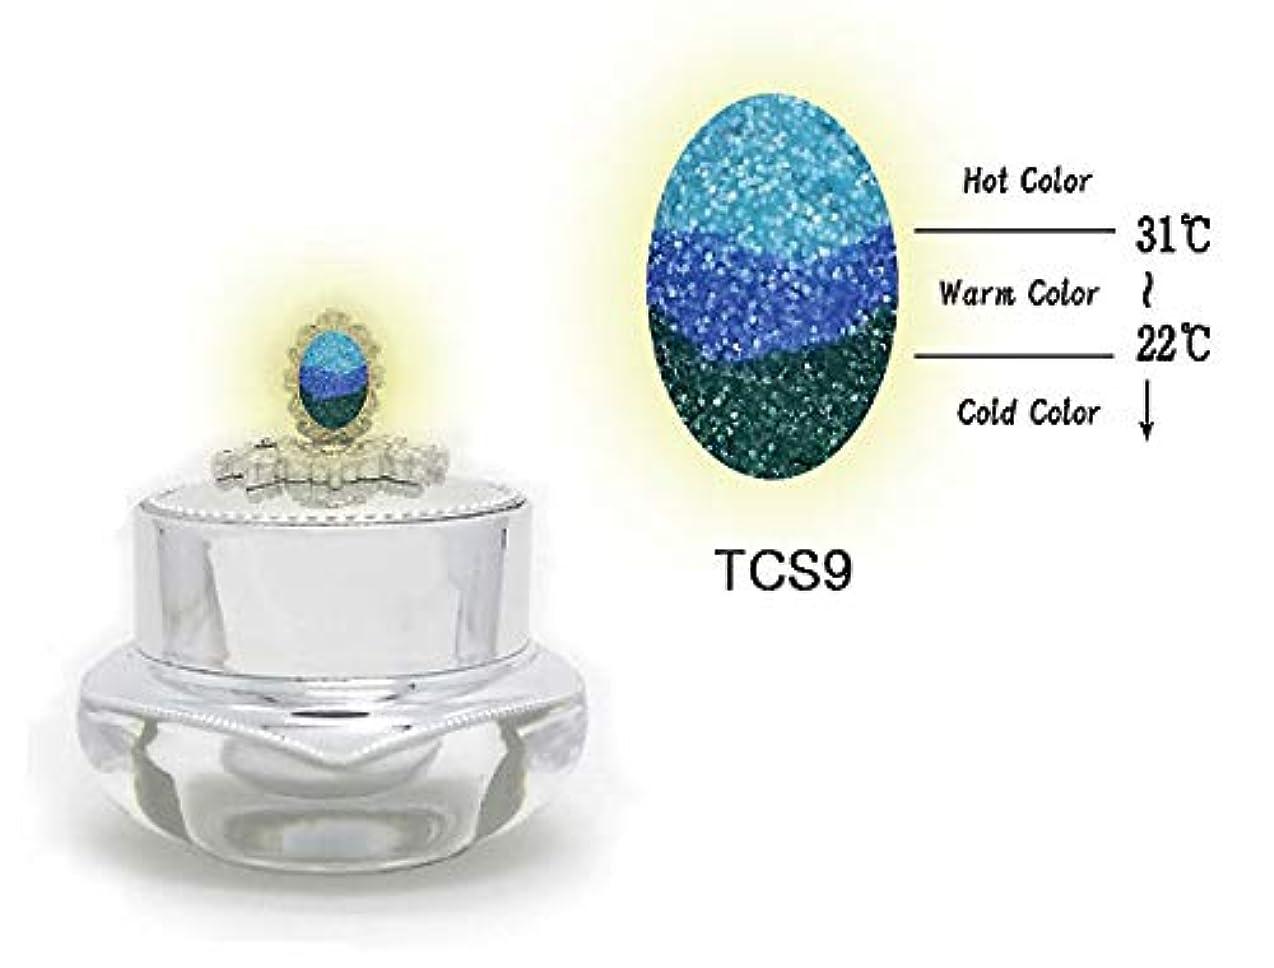 大統領不十分な哲学KENZICO (ケンジコ) Triple Sugar Gel一般用3g 【TCS9】 3つの色に変わる夜光ジェル トリプルシュガージェル